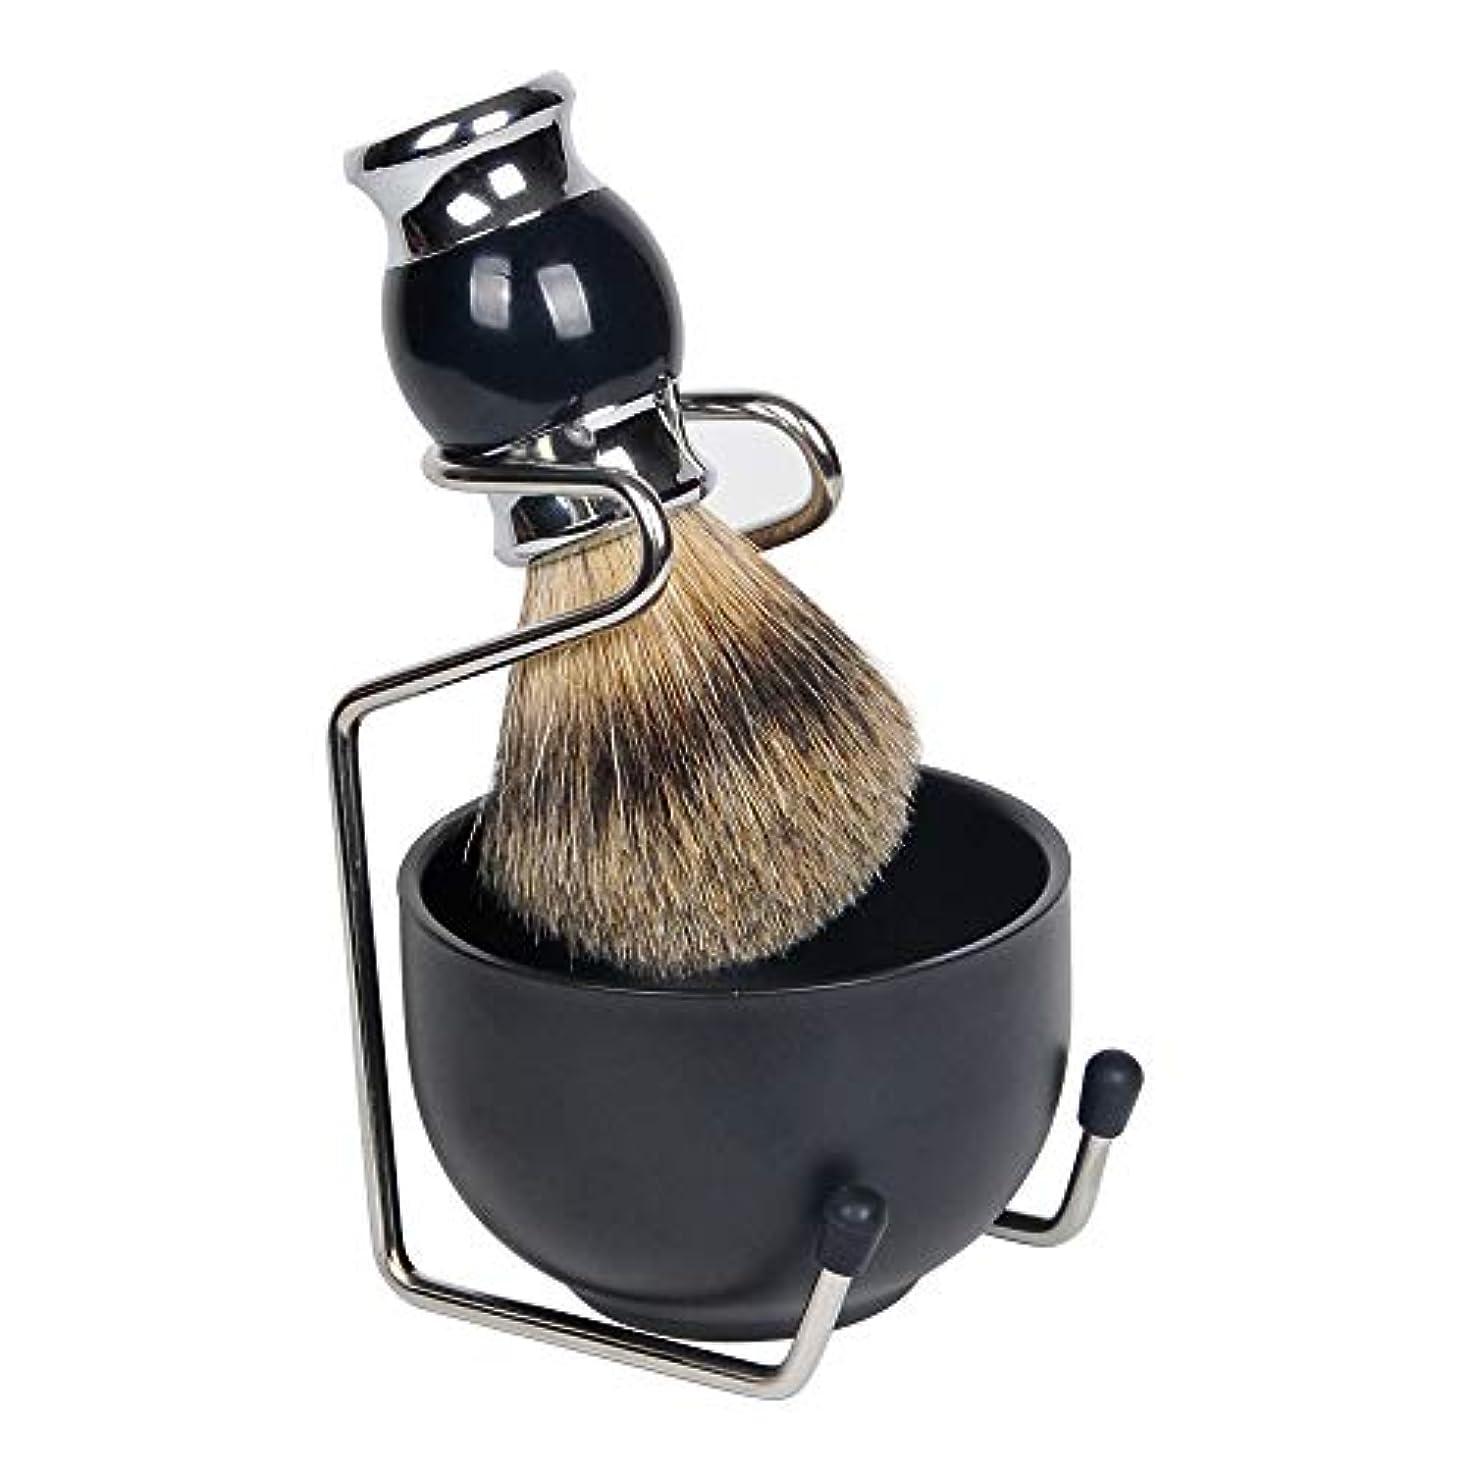 クレア養う無効1by1 ひげブラシ シェービングブラシセット シェービング石鹸ボウル 理容 髭剃り 泡立ち 洗顔ブラシ メンズ 100% アナグマ毛(3点セット 金属ブラック)